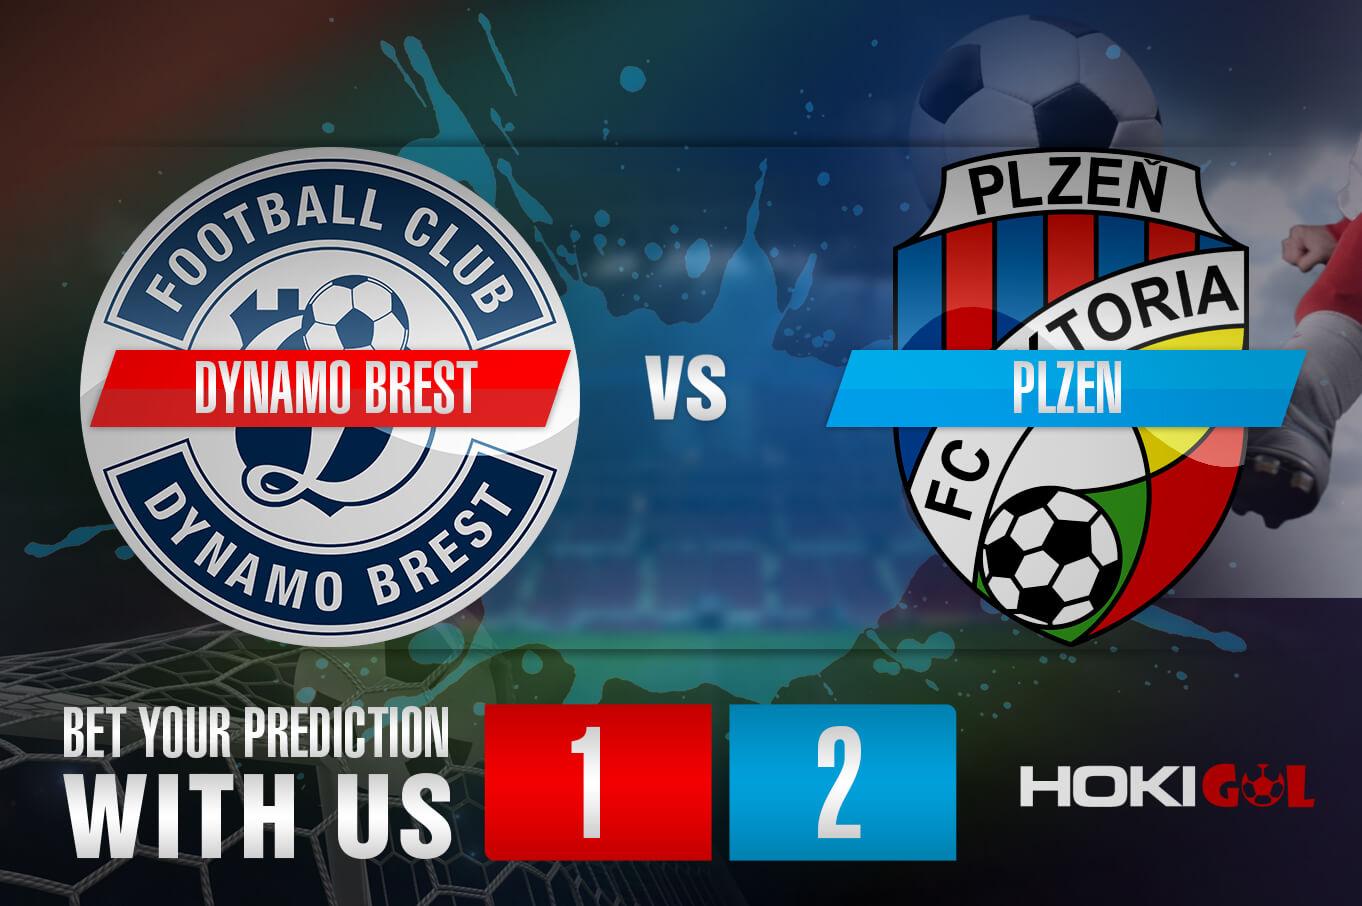 Prediksi Bola Dynamo Brest Vs Plzen 29 Juli 2021